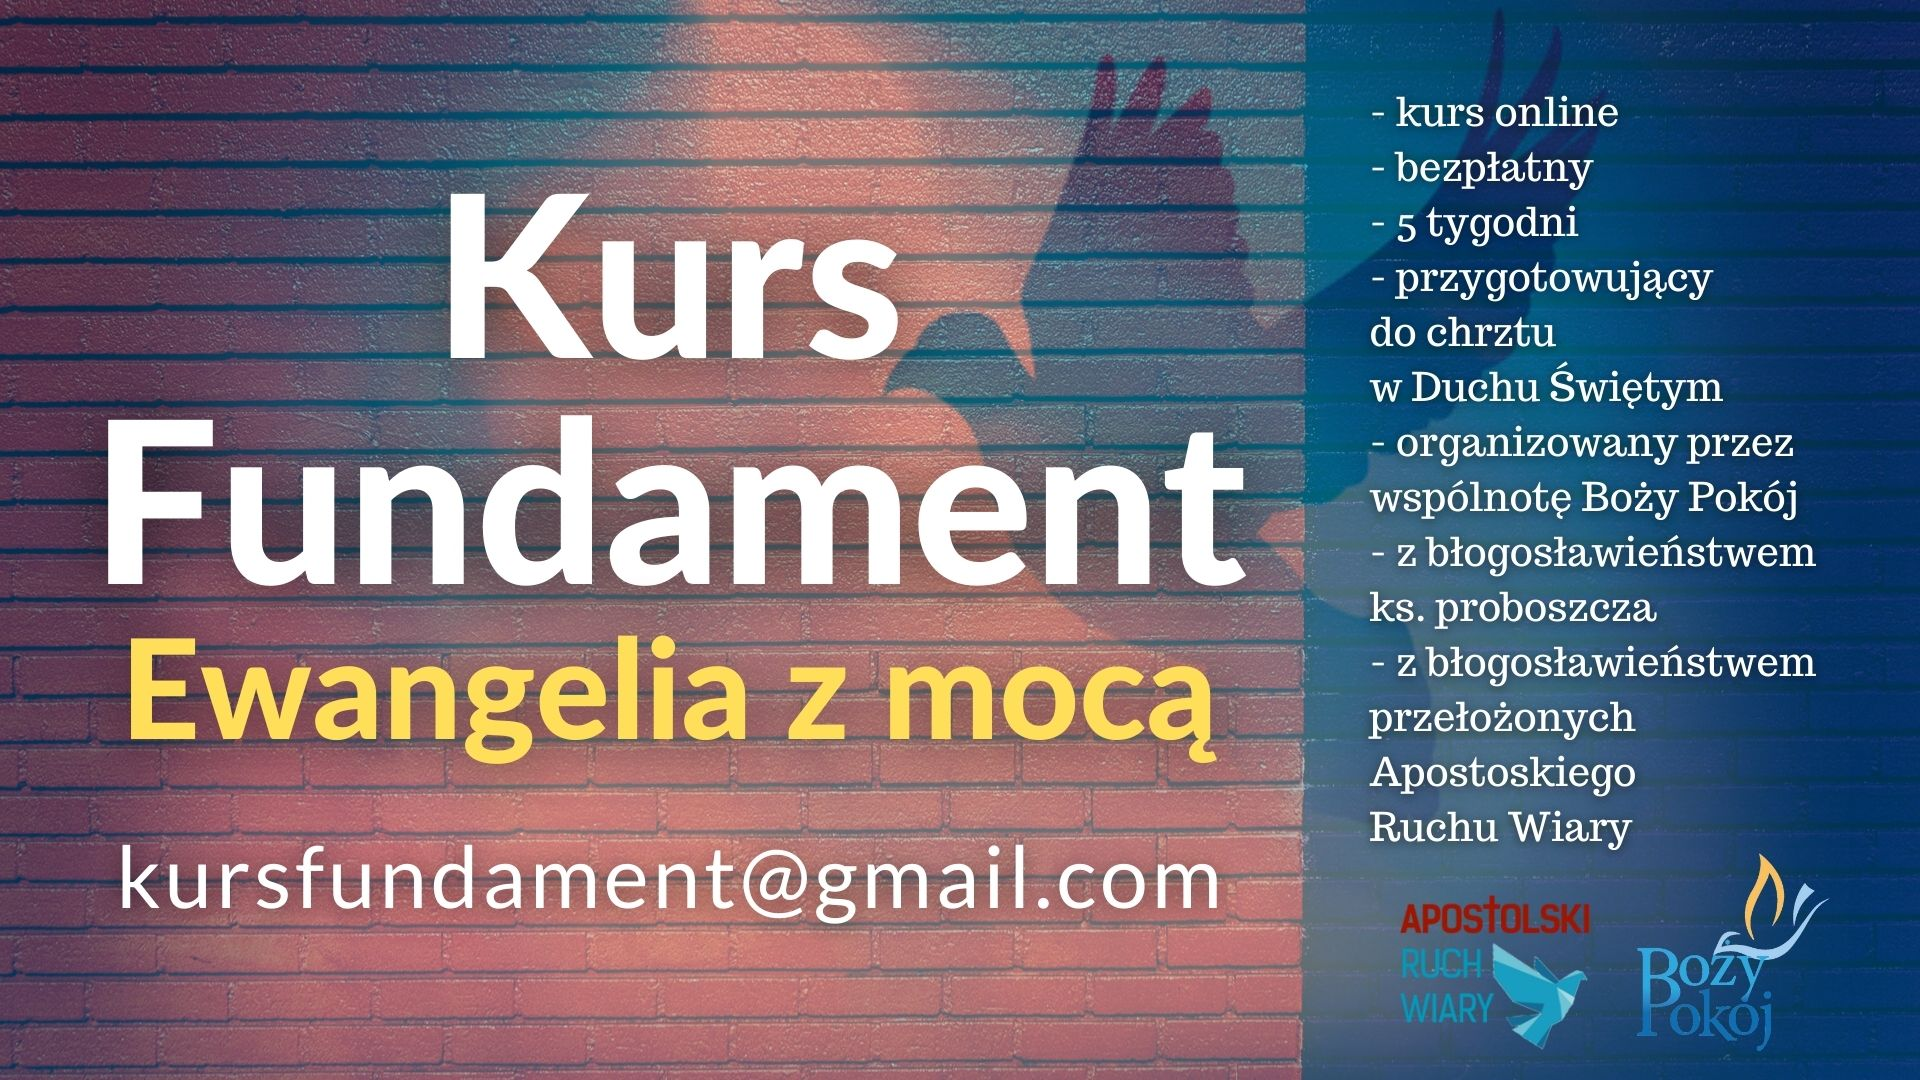 Kurs Fundament – Ewangelia z mocą – zaproszenie!